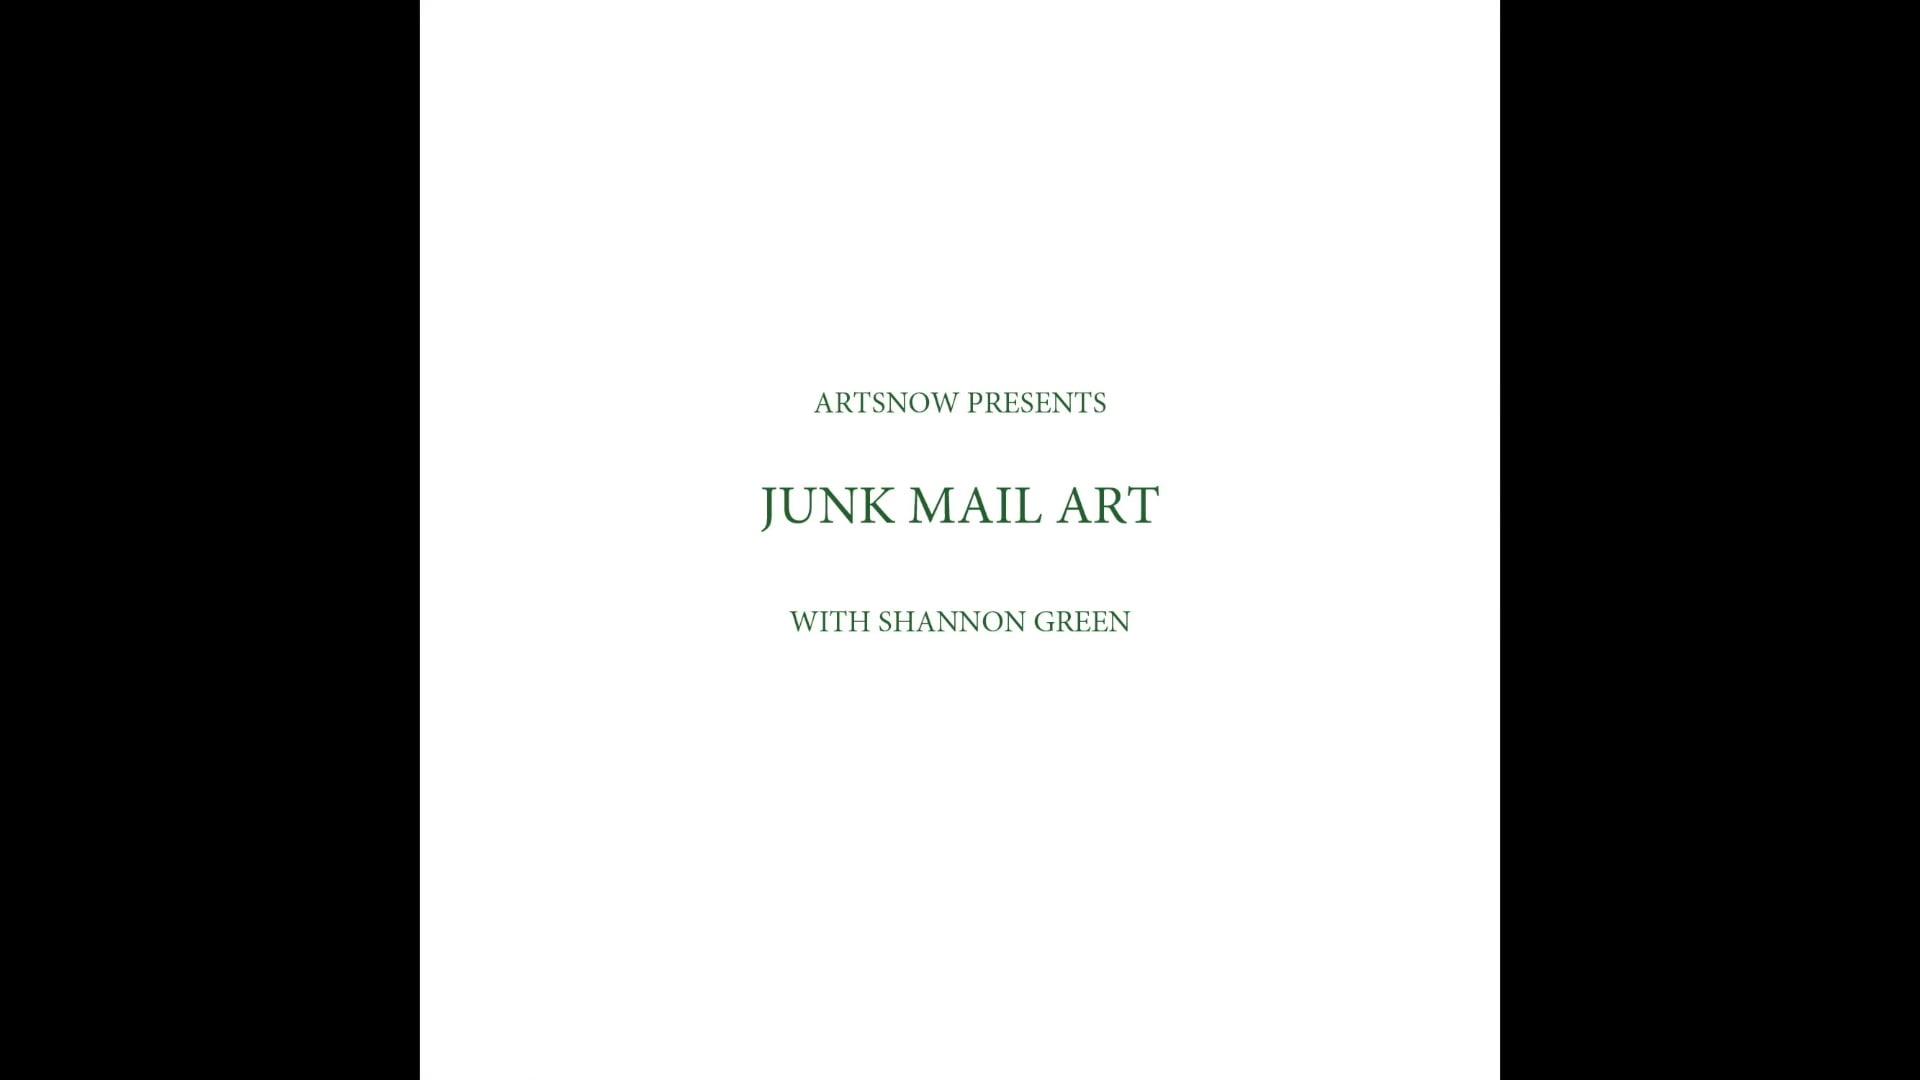 New Digital Ideas: Junk Mail Art